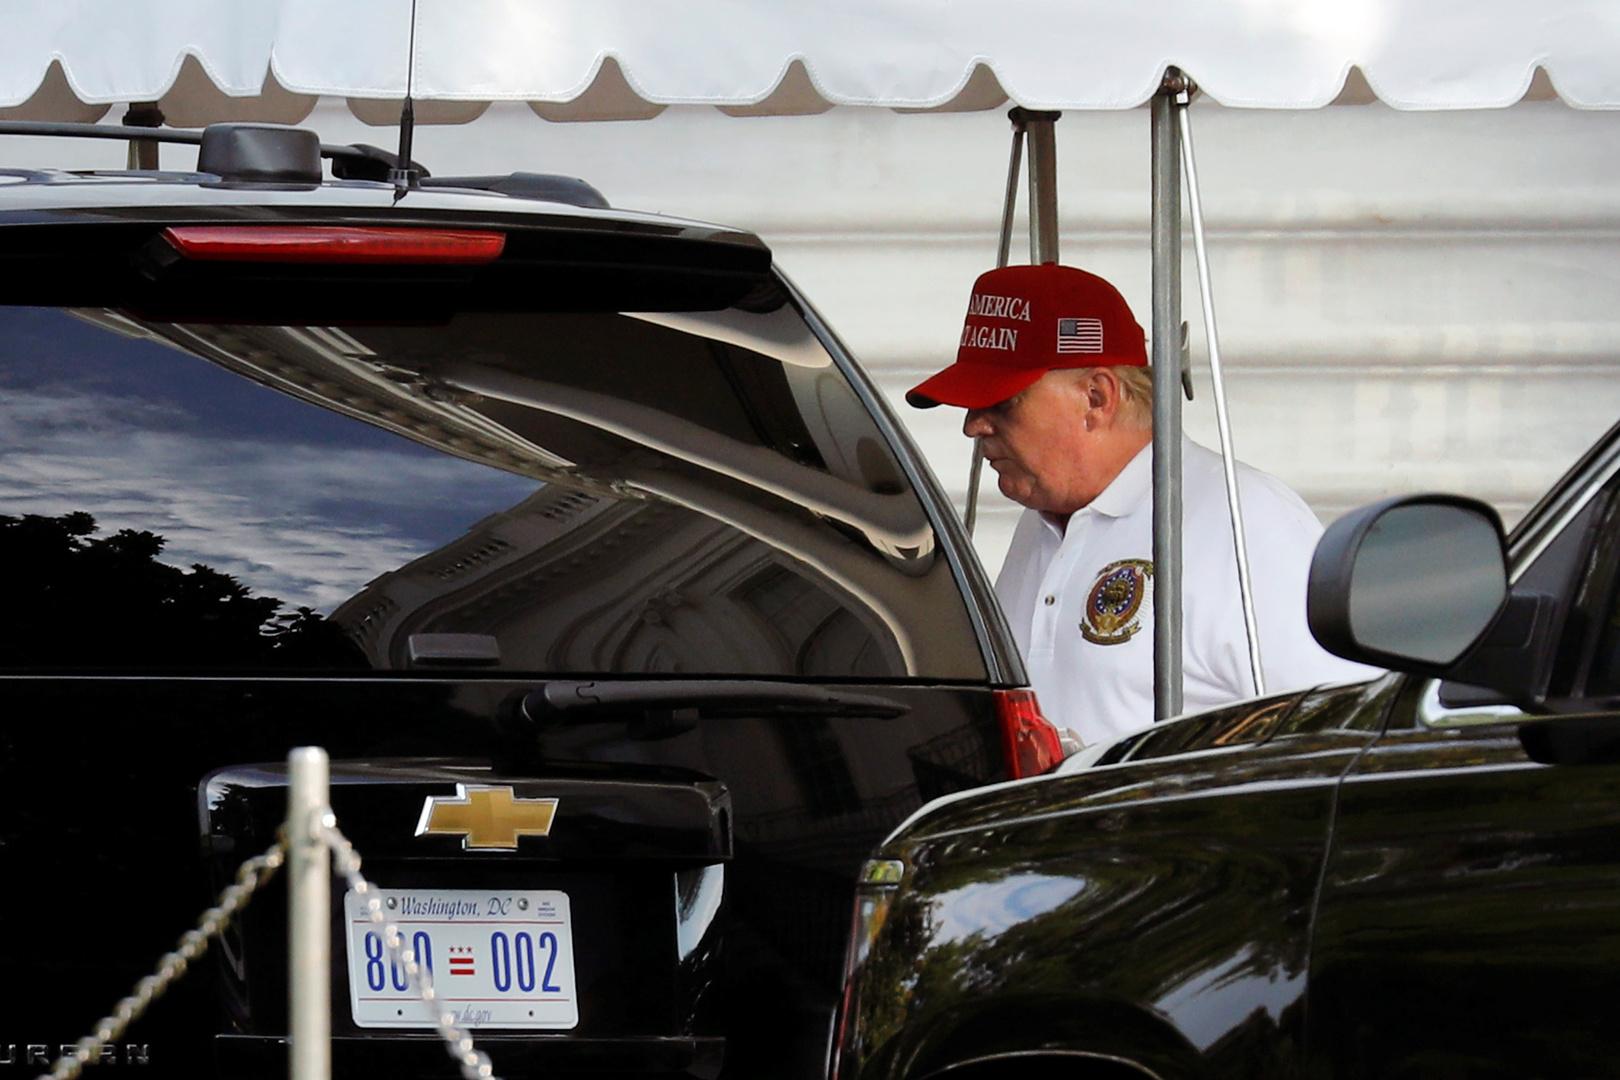 ترامب يتوعد بإرسال المزيد من الأمن الفدرالي إلى مدن